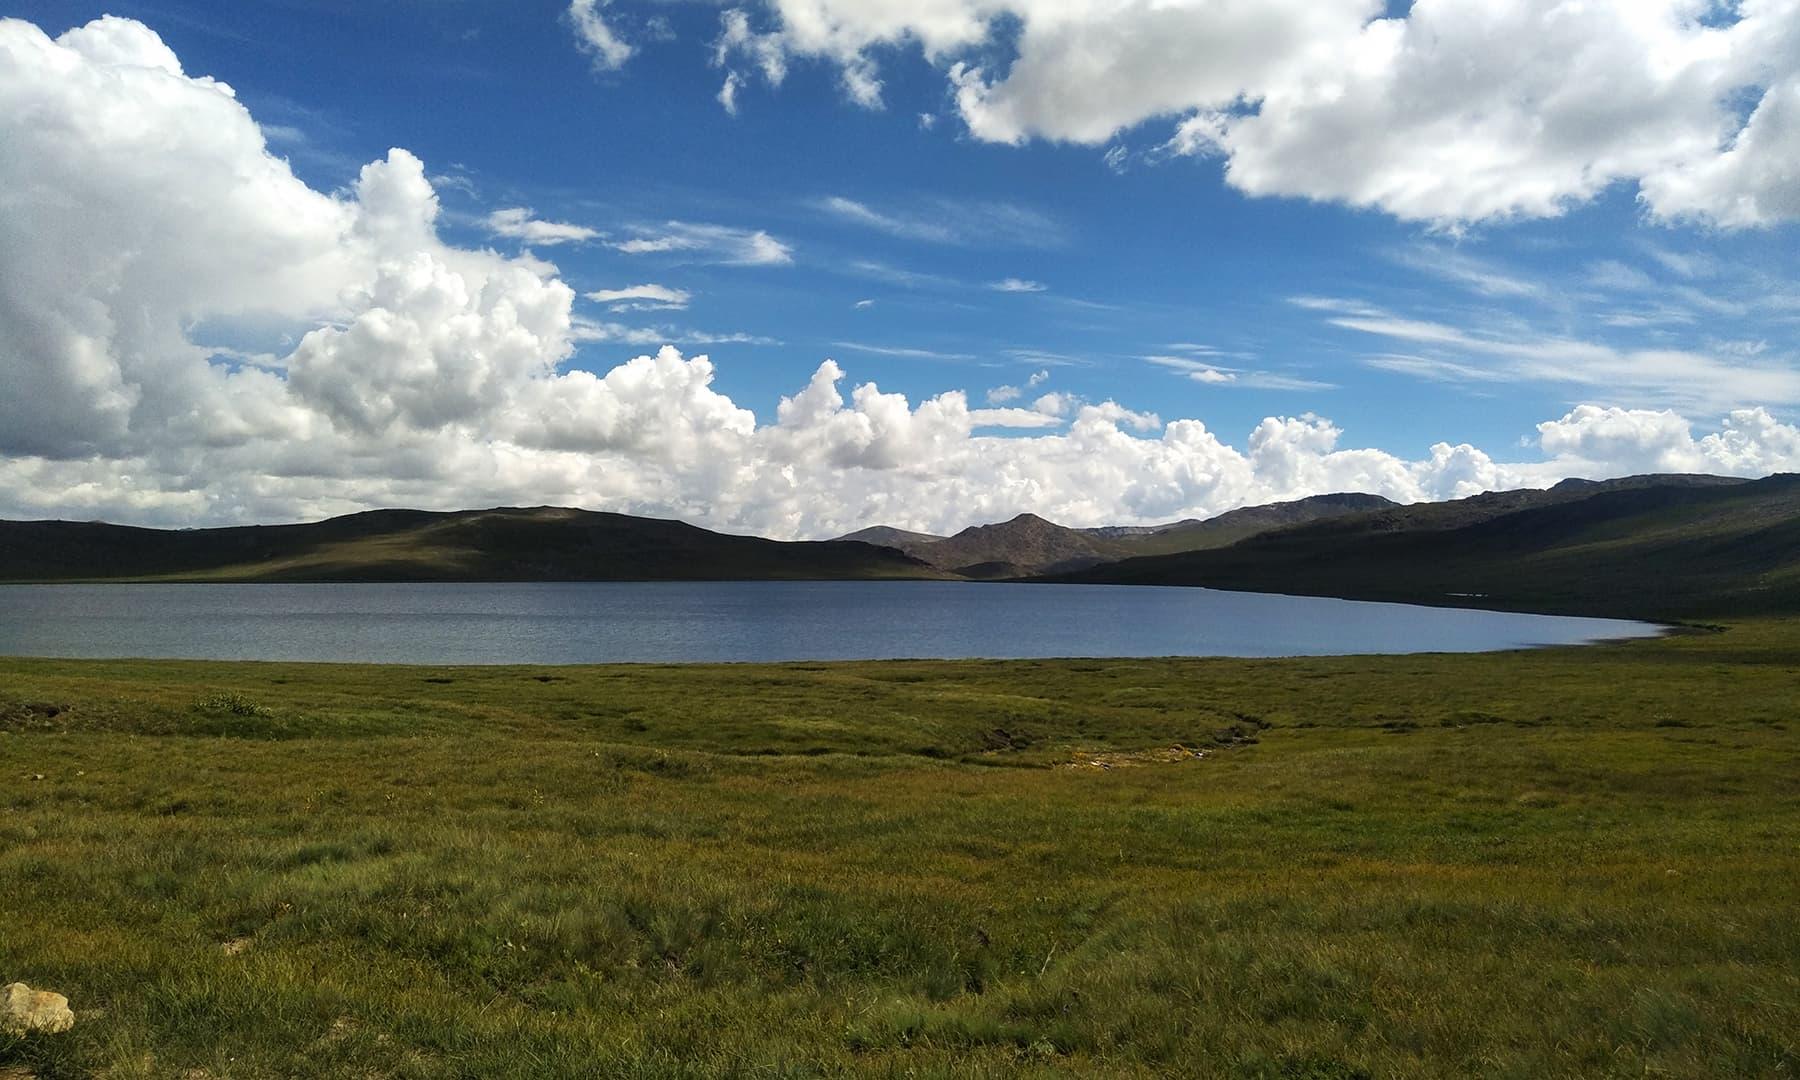 اگر اس جھیل کو دیوسائی کا زیور کہا جائے تو کسی طور پر غلط نہ ہوگا—تصویر عظمت اکبر